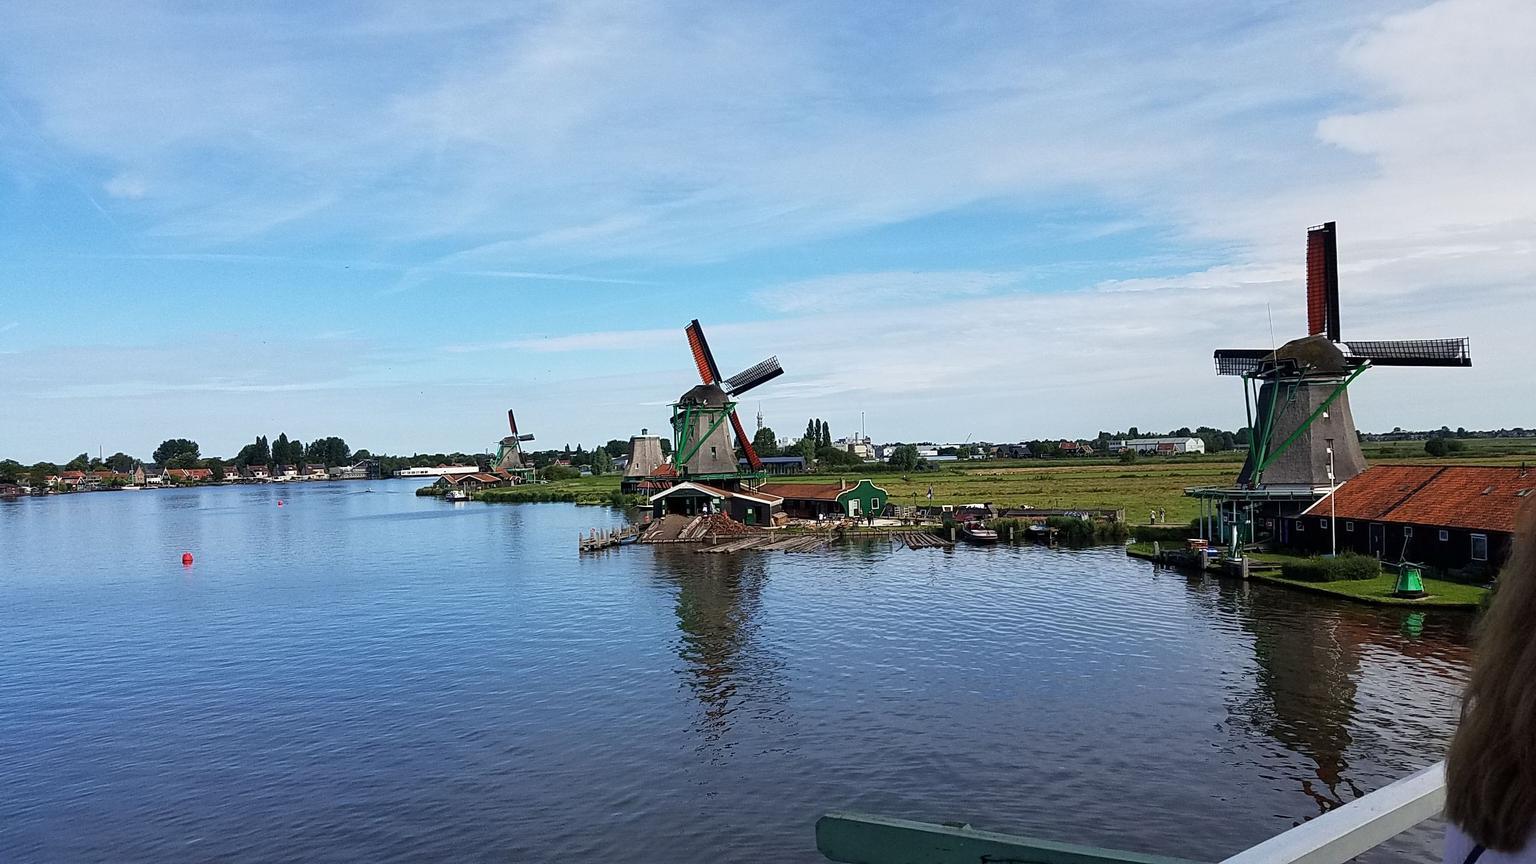 MAIS FOTOS, Excursão Privada: Zaanse Schans saindo de Amsterdã